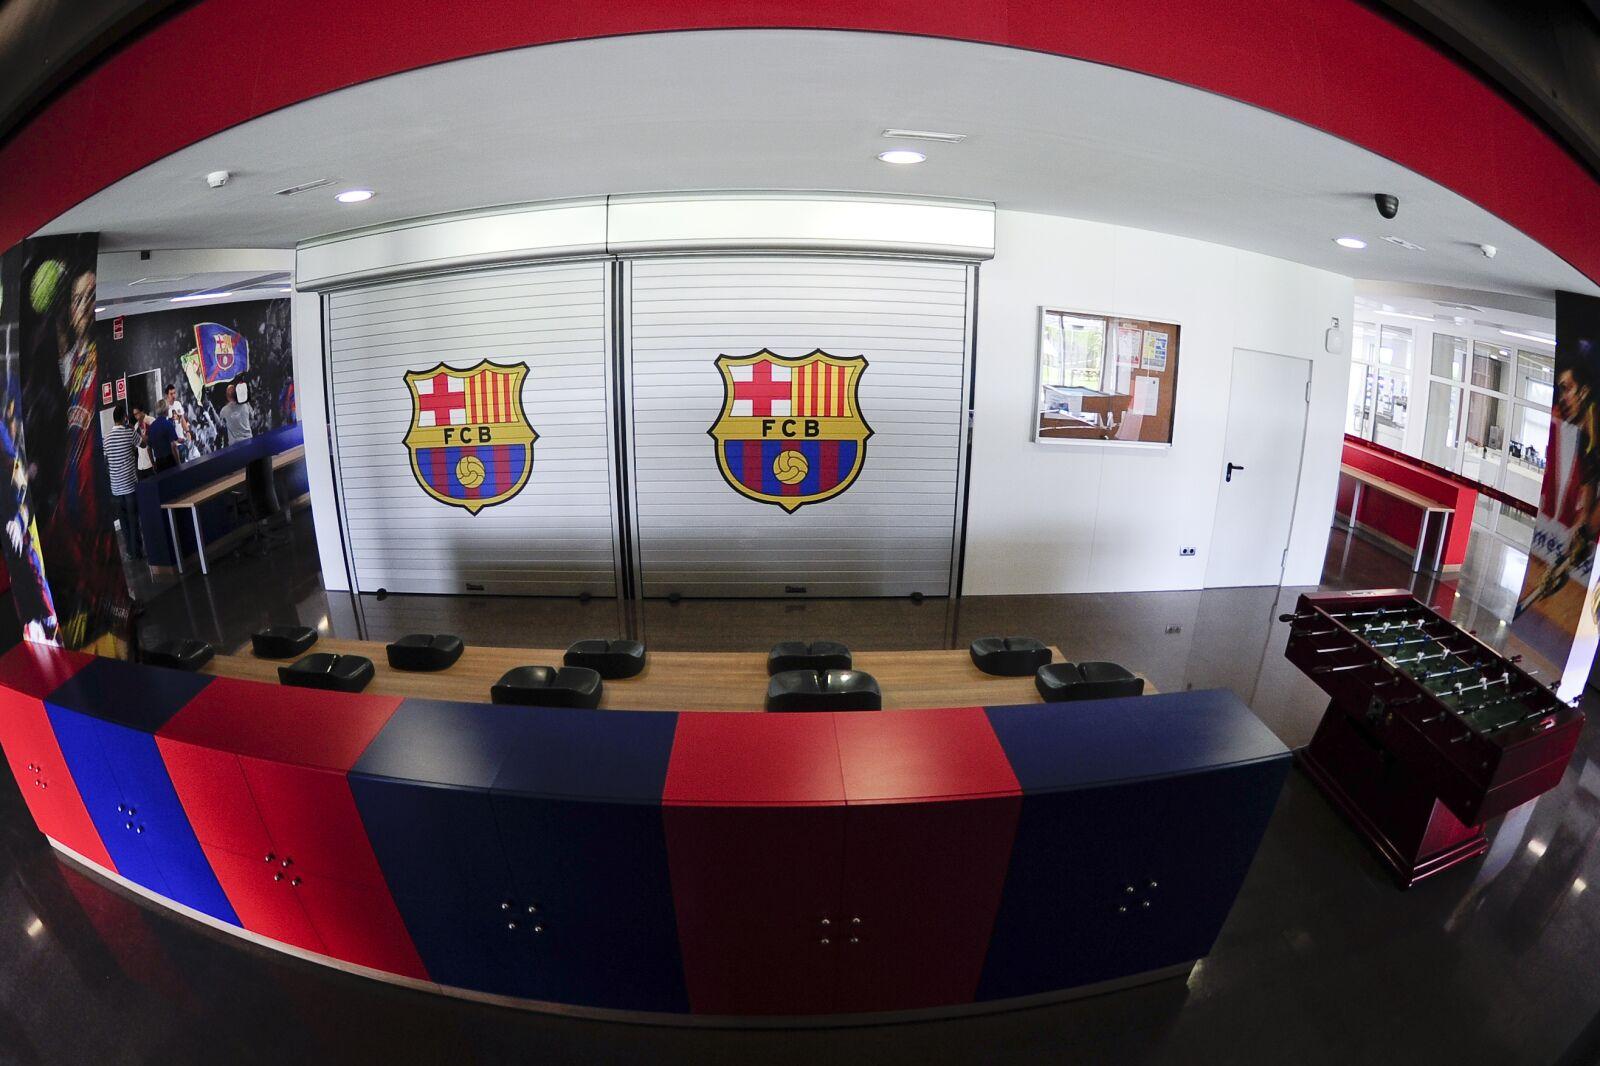 La Masia gradually losing its presence in Barcelona's first team